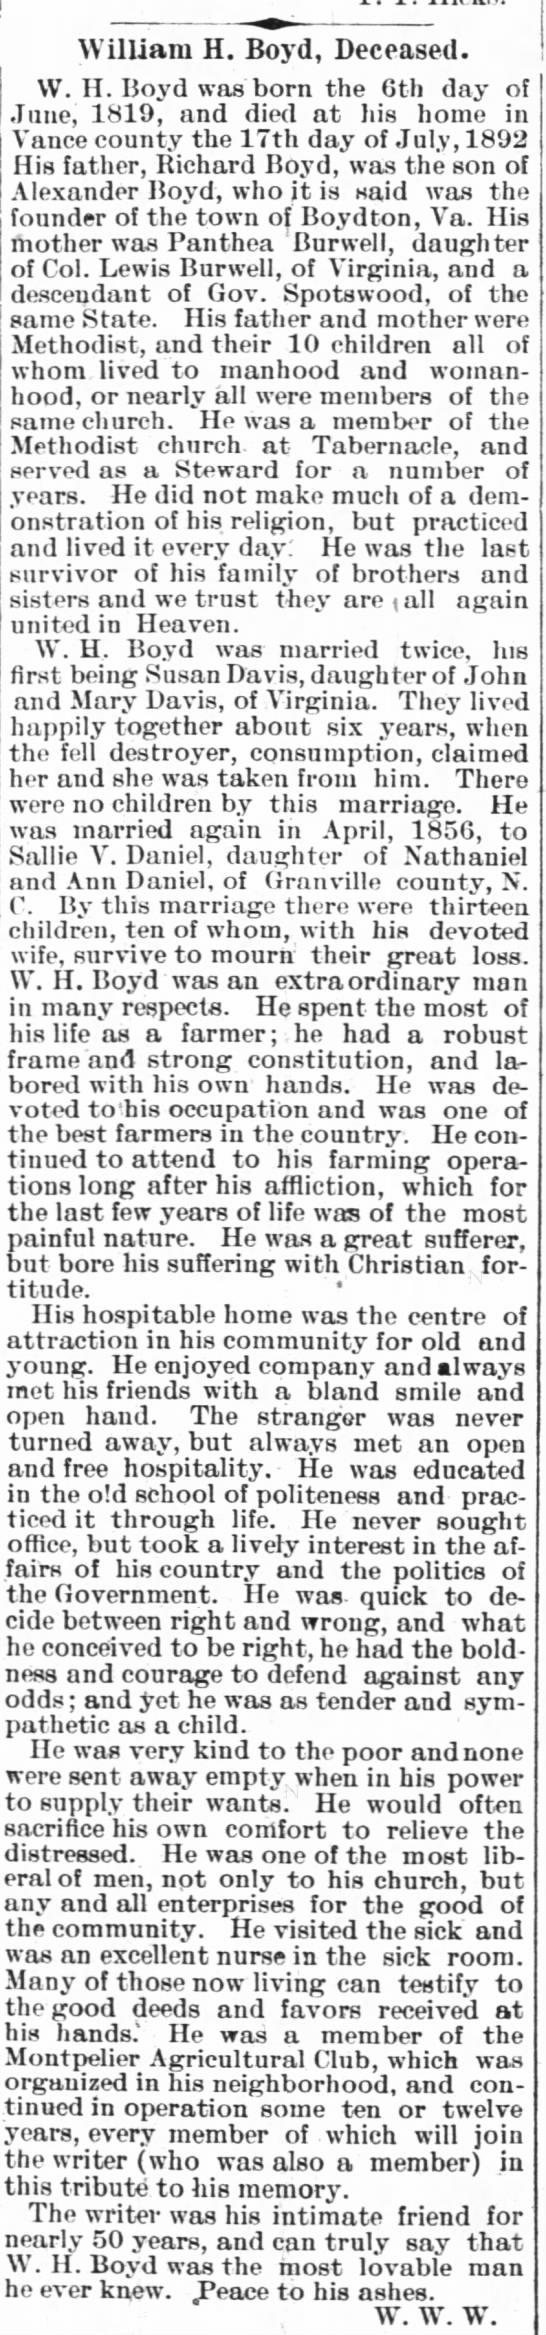 William H. Boyd Obit (15 Sep 1892 Henderson Gold Leaf) -